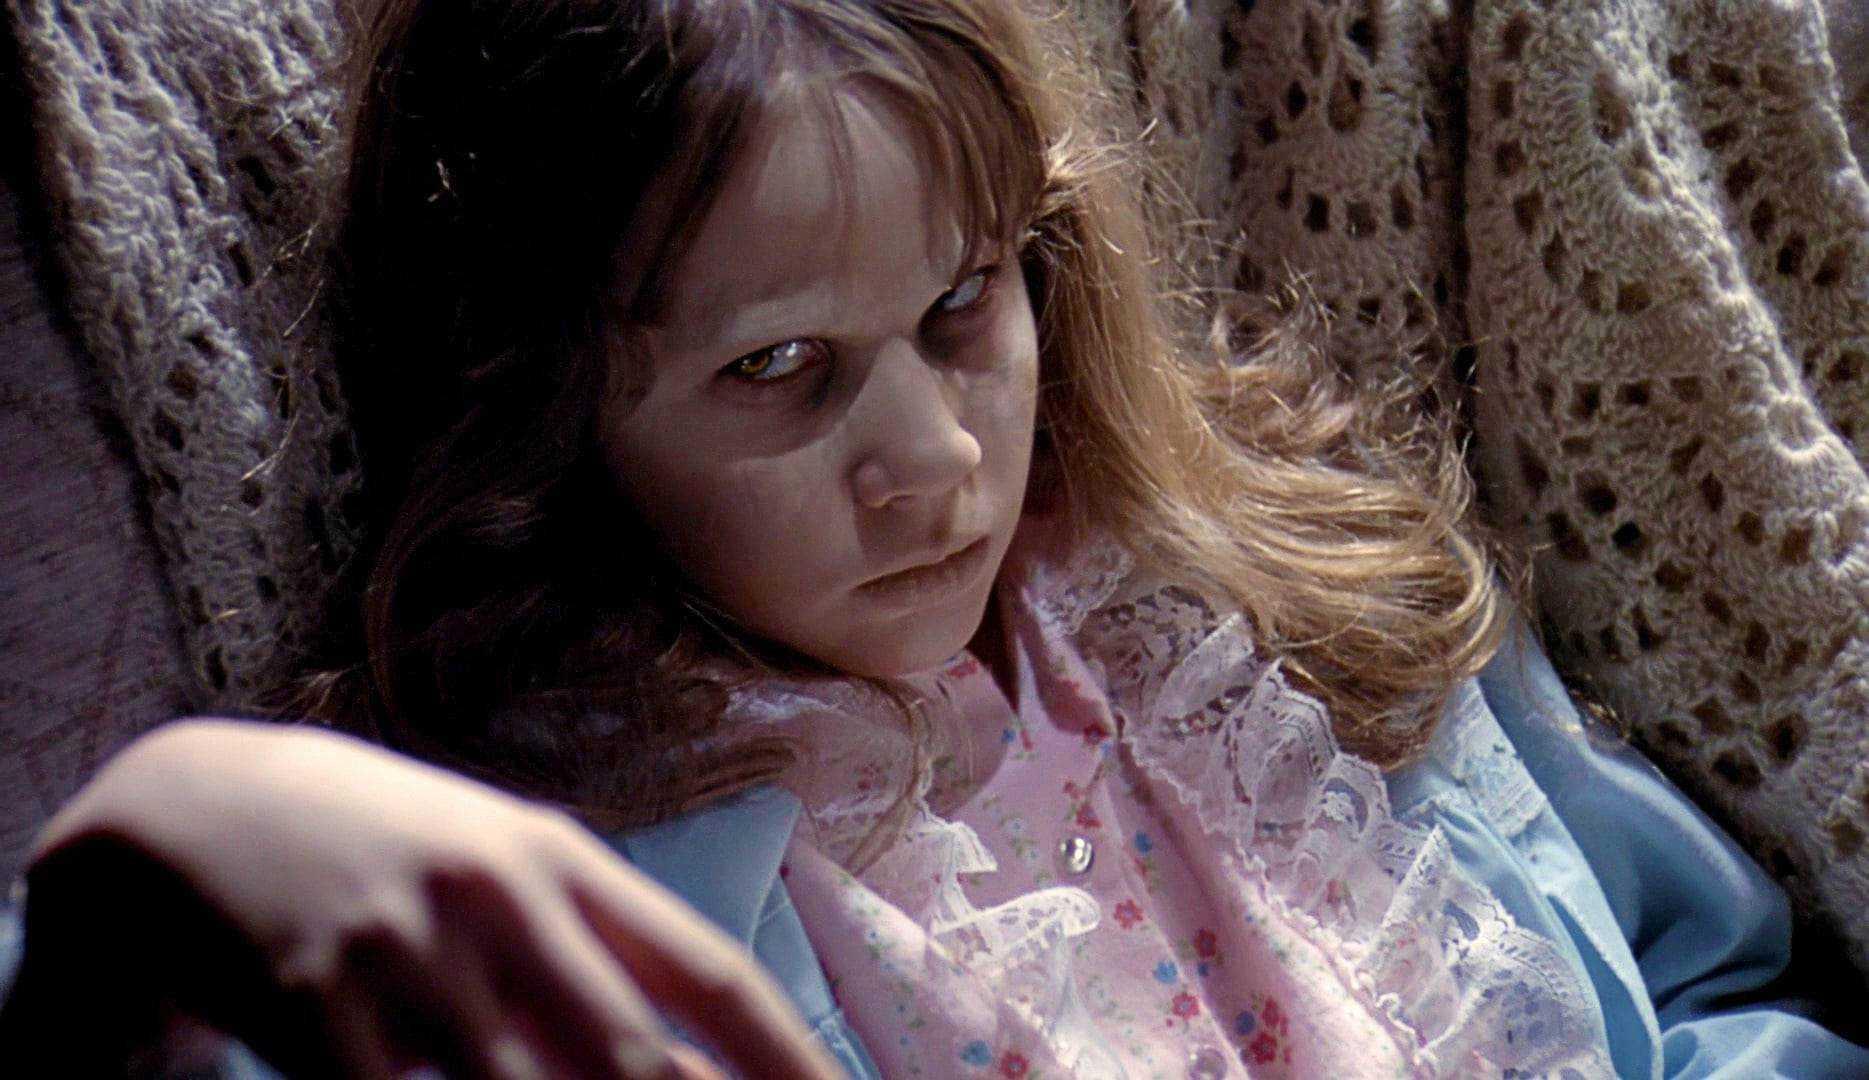 Nova trilogia de 'O Exorcista' será feita pelo diretor do novo 'Halloween'